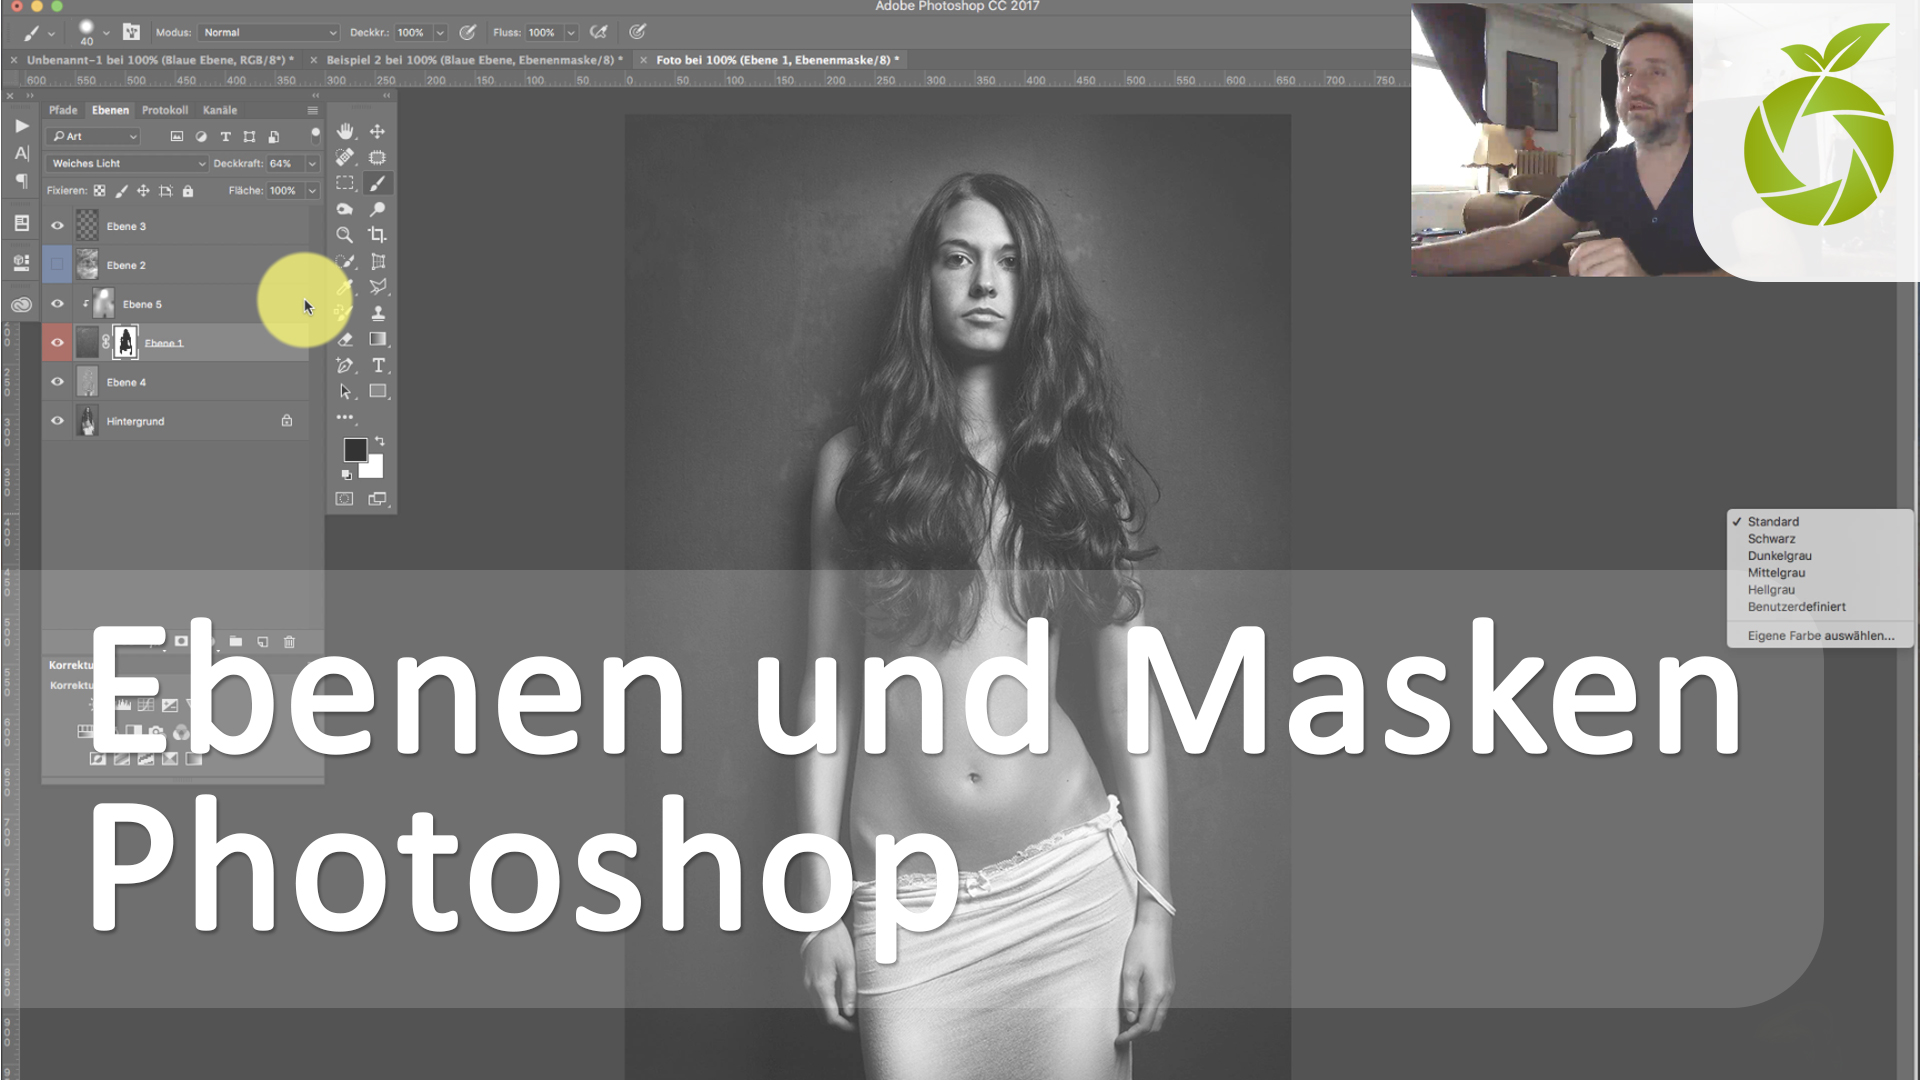 Photoshop Tutorial zu Ebenen und Masken